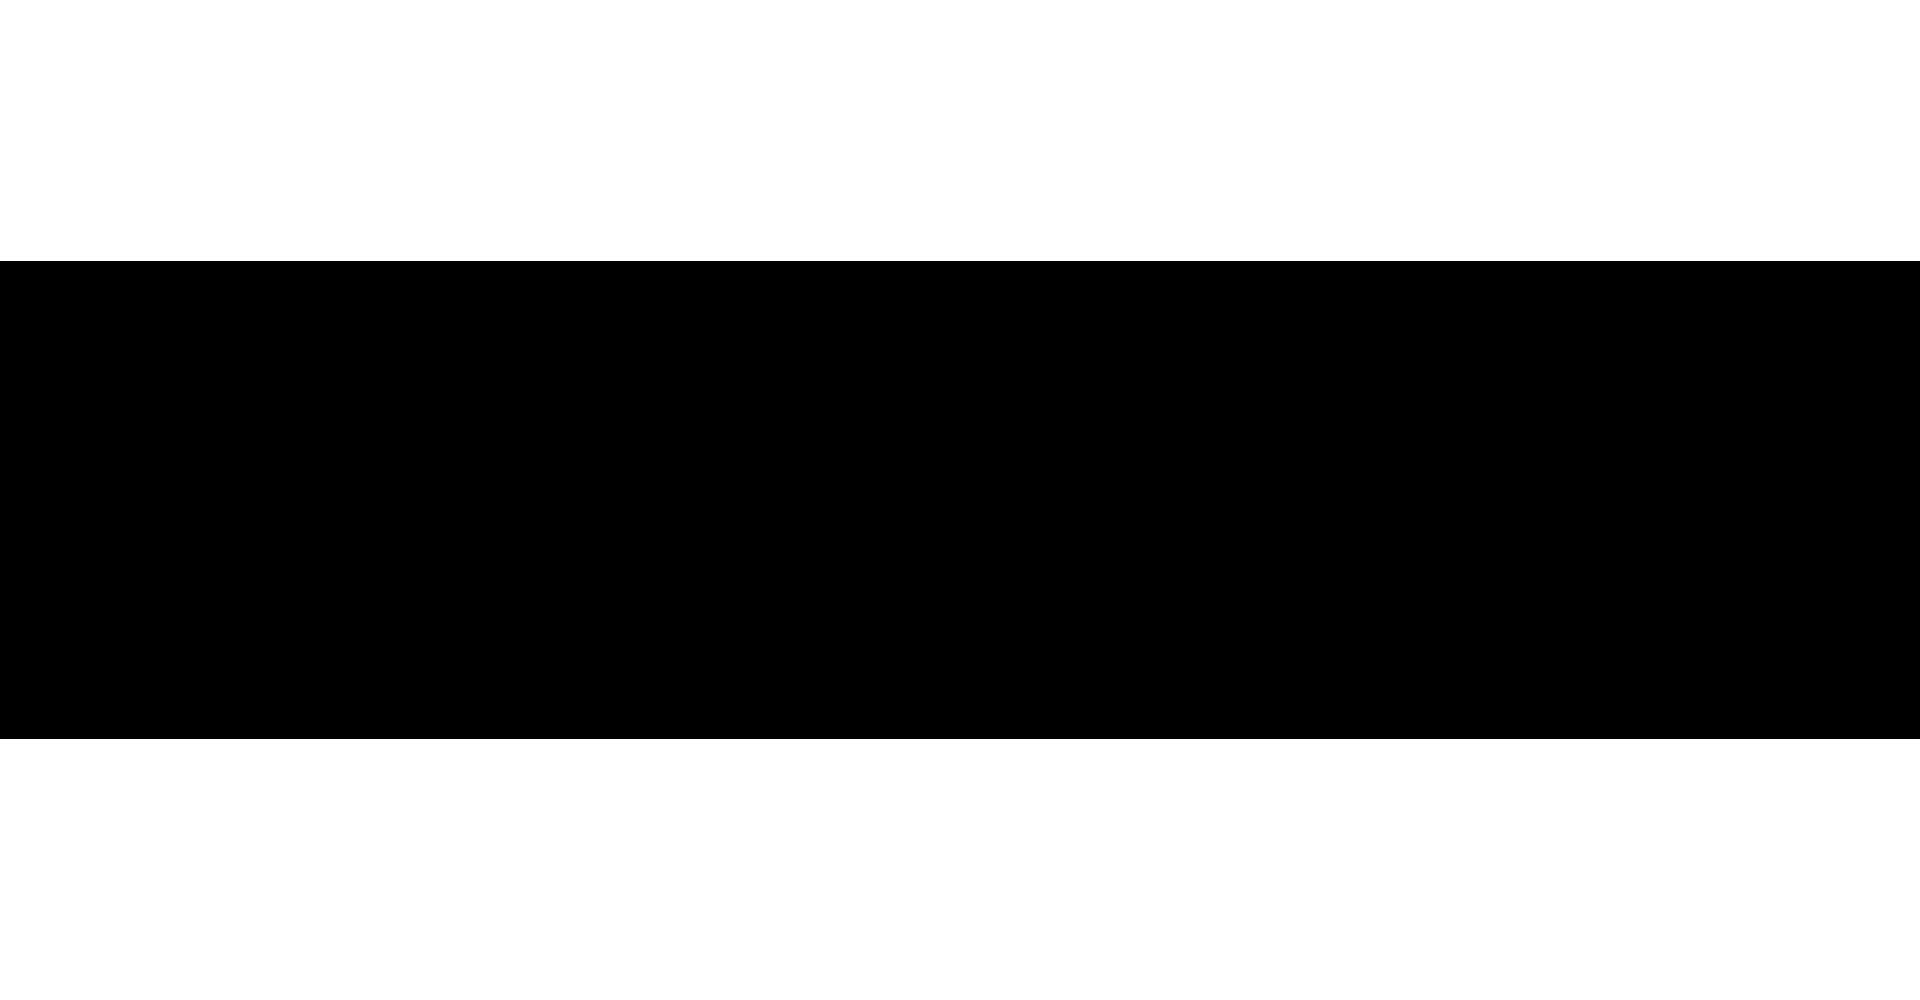 Offland dog accessory logo design